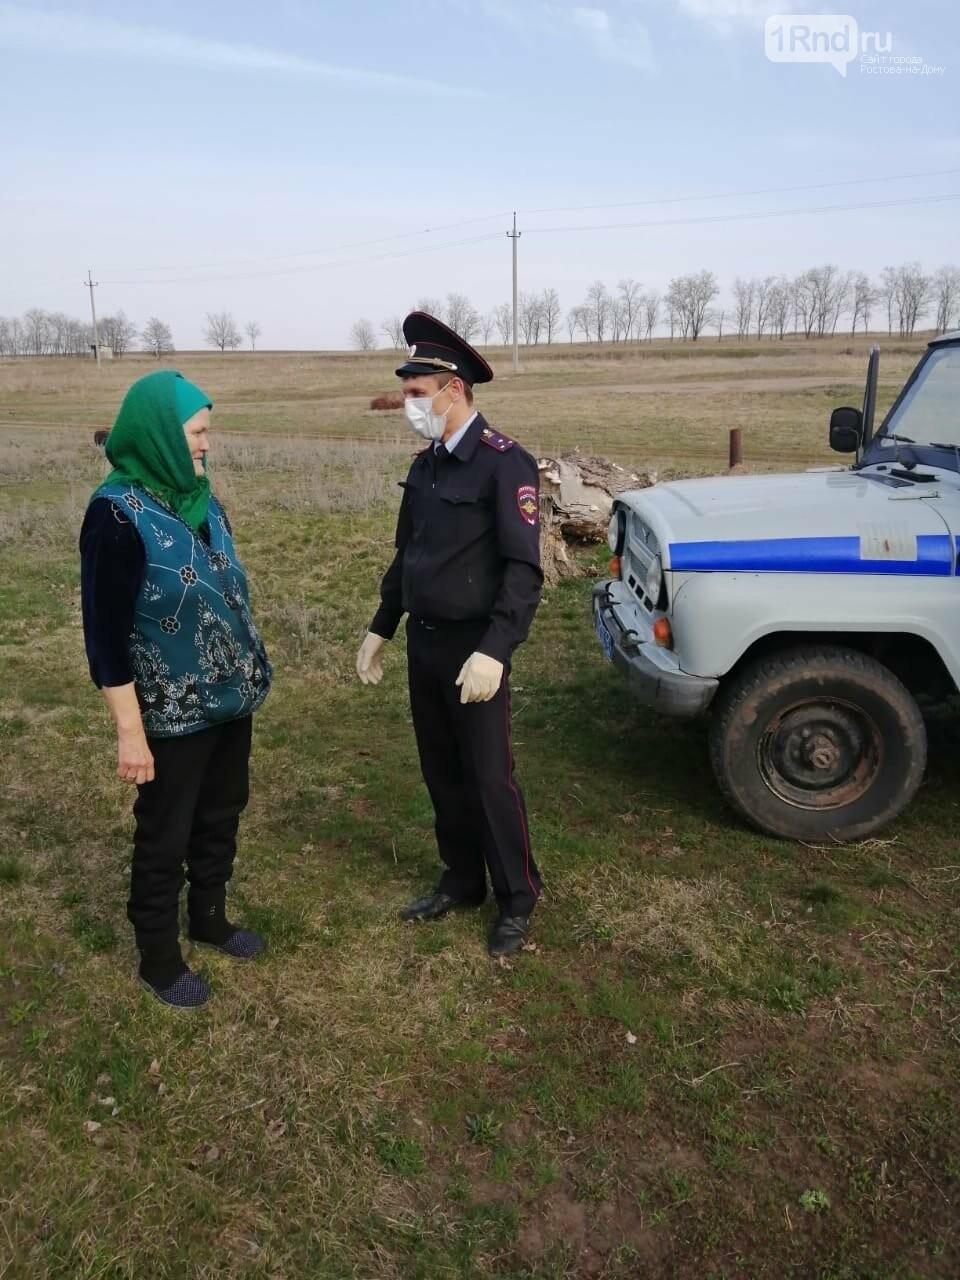 Донская полиция предупредила людей о соблюдении режима самоизоляции, фото-1